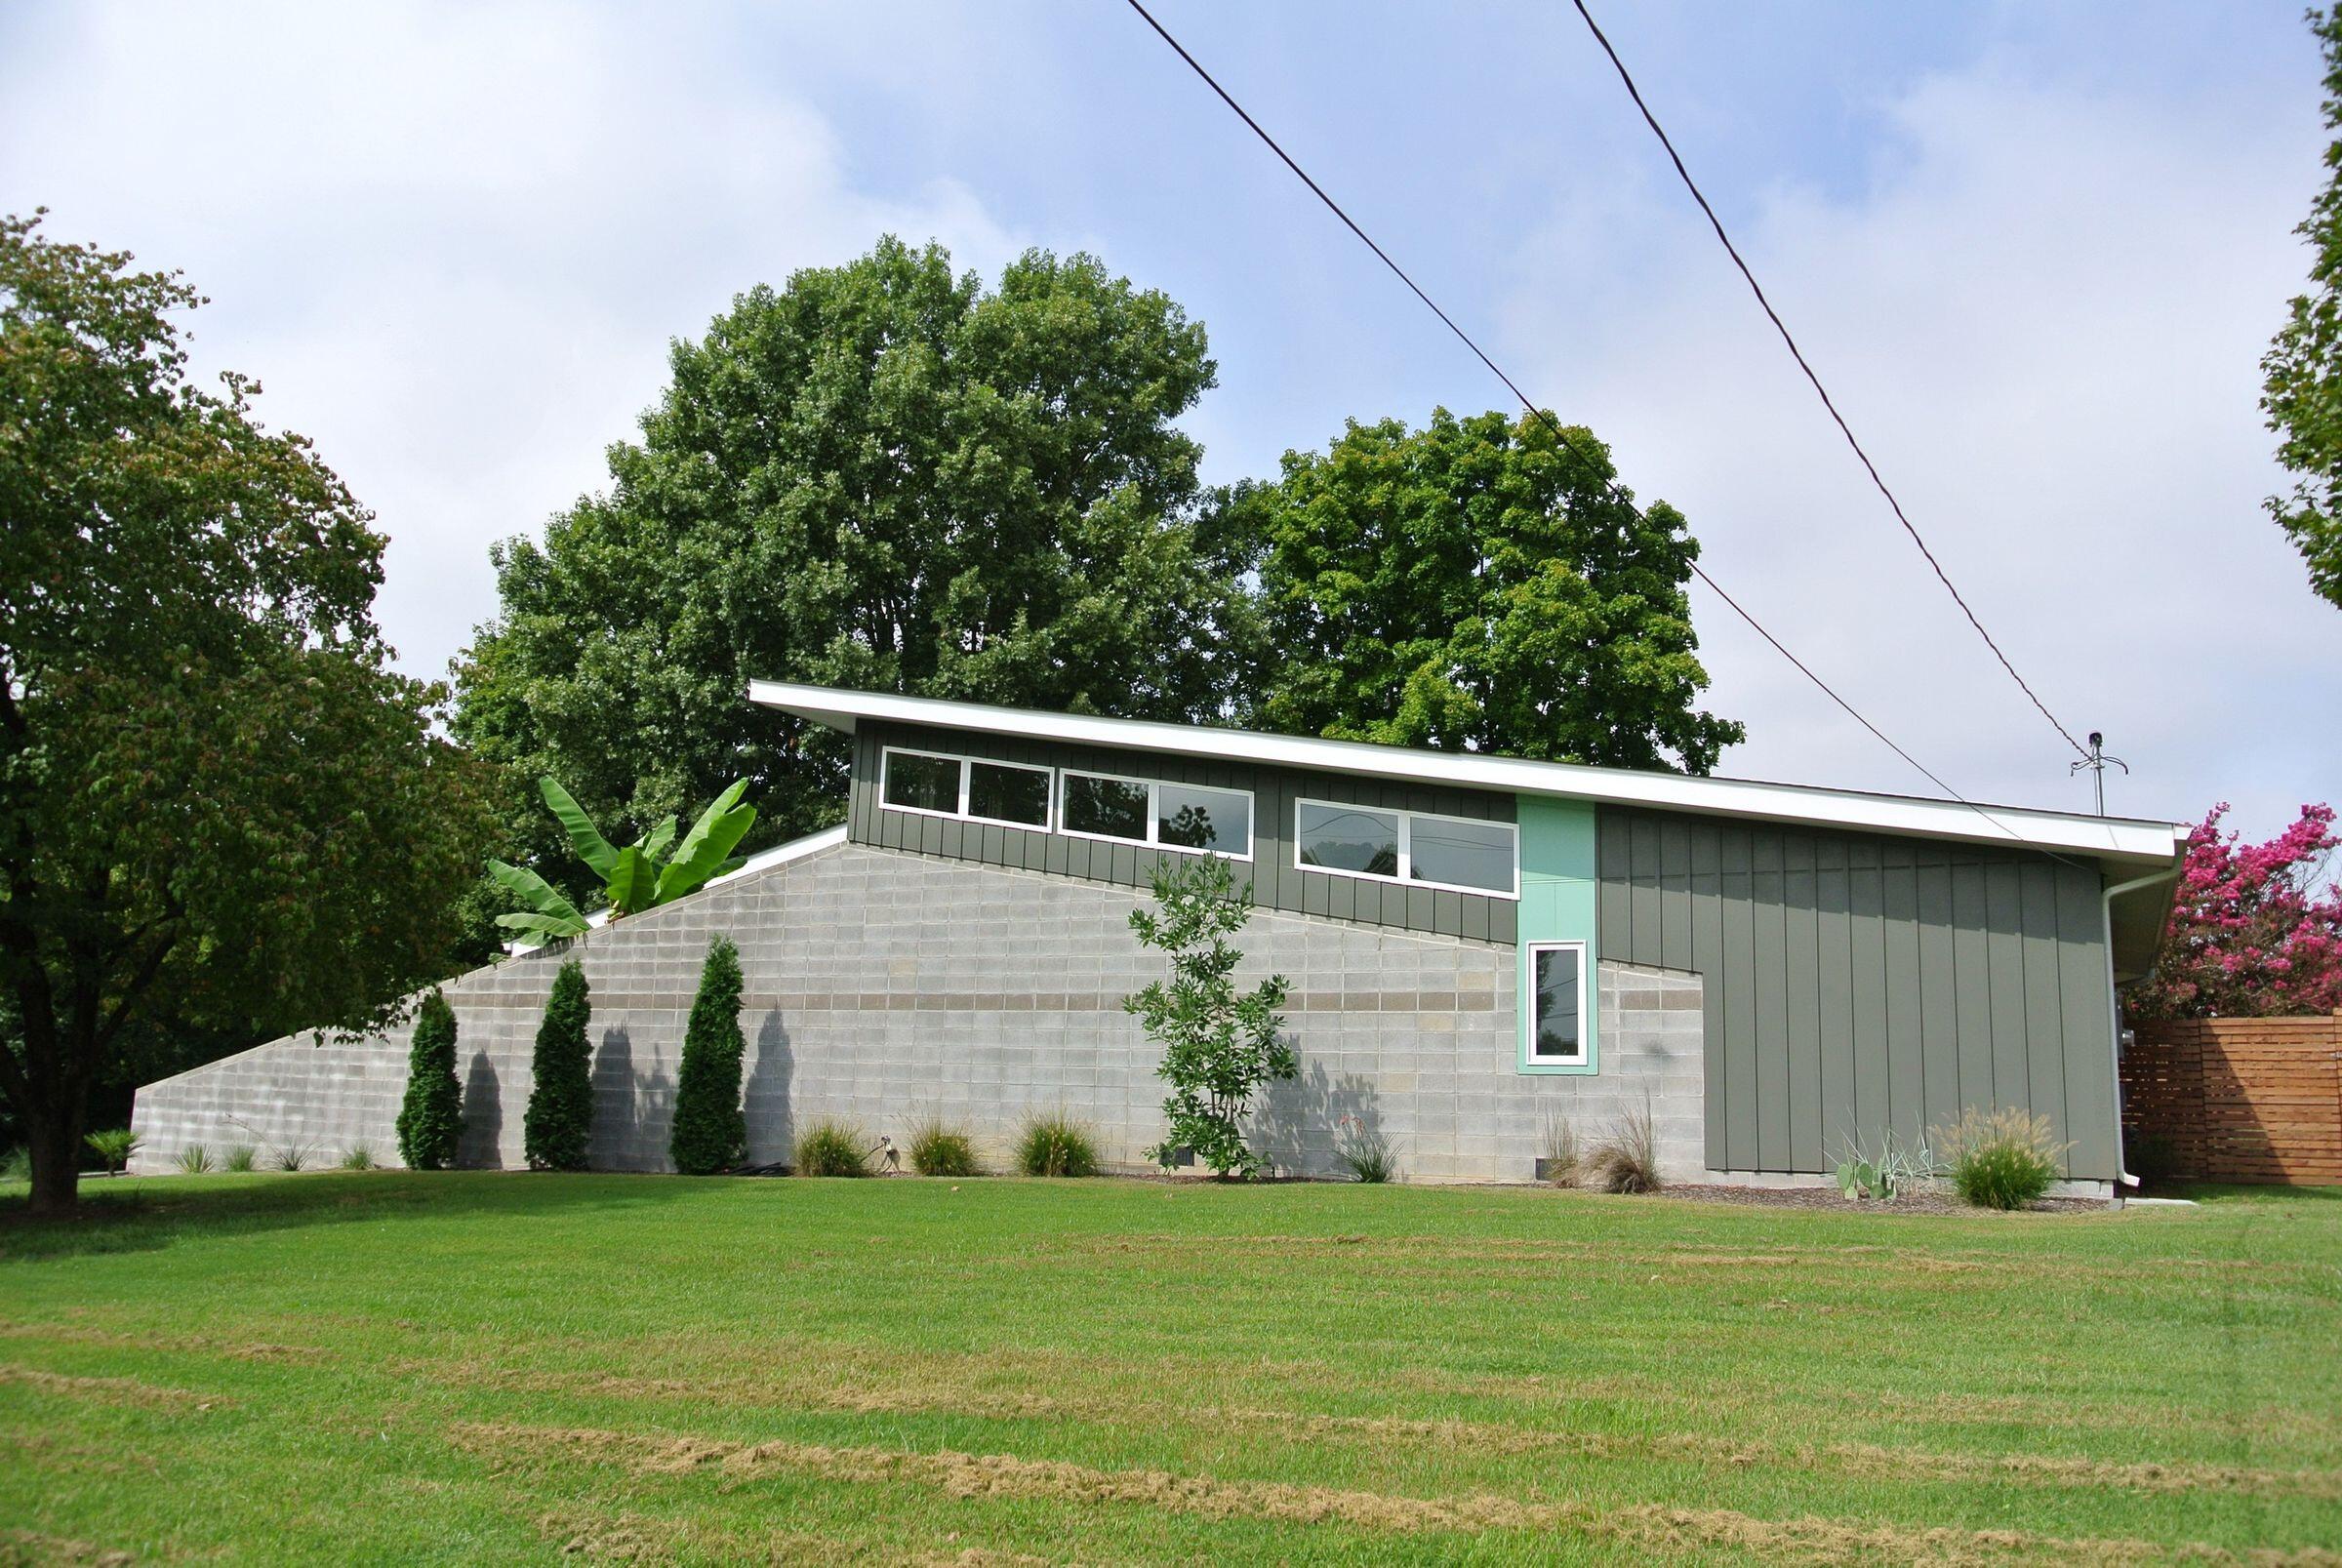 Ahlbrandt Residence